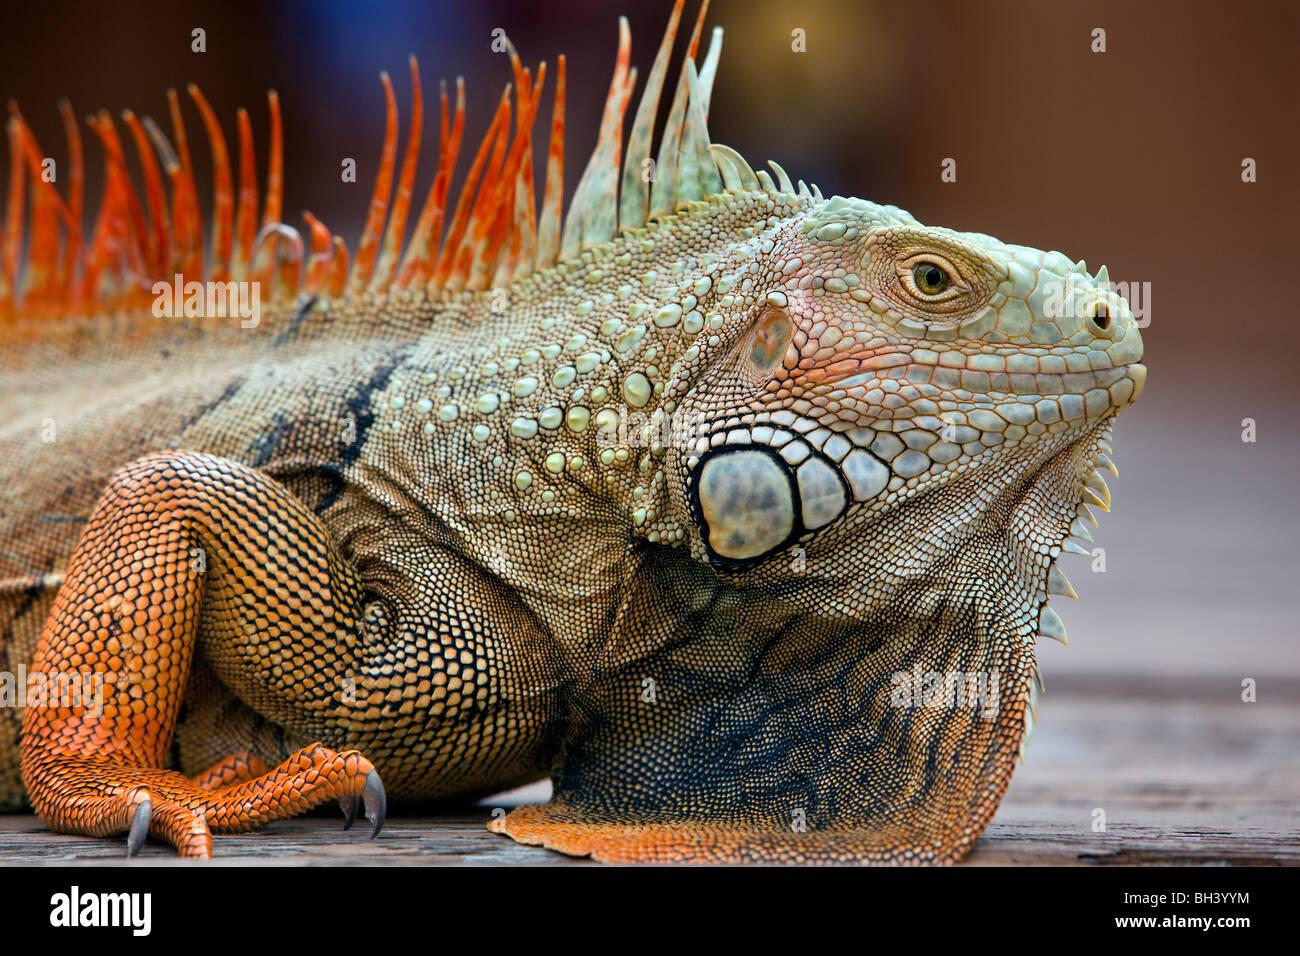 Iguana Portrait, Florida - Stock Image